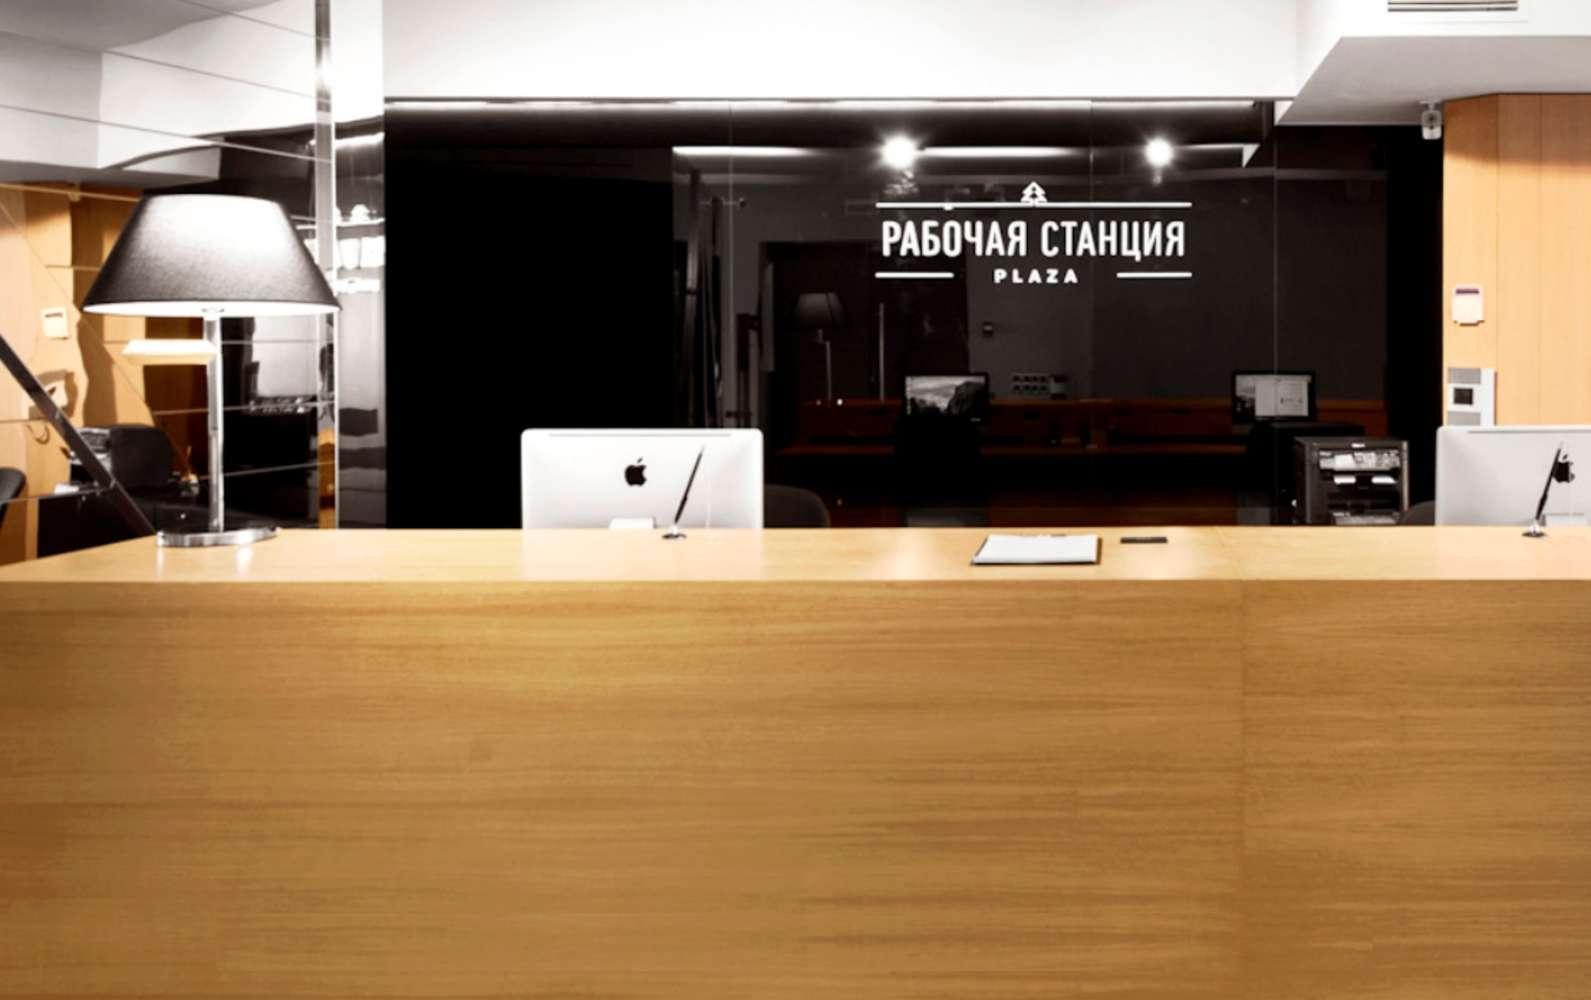 Гибкие пространства Москва,  - Рабочая станция Plaza